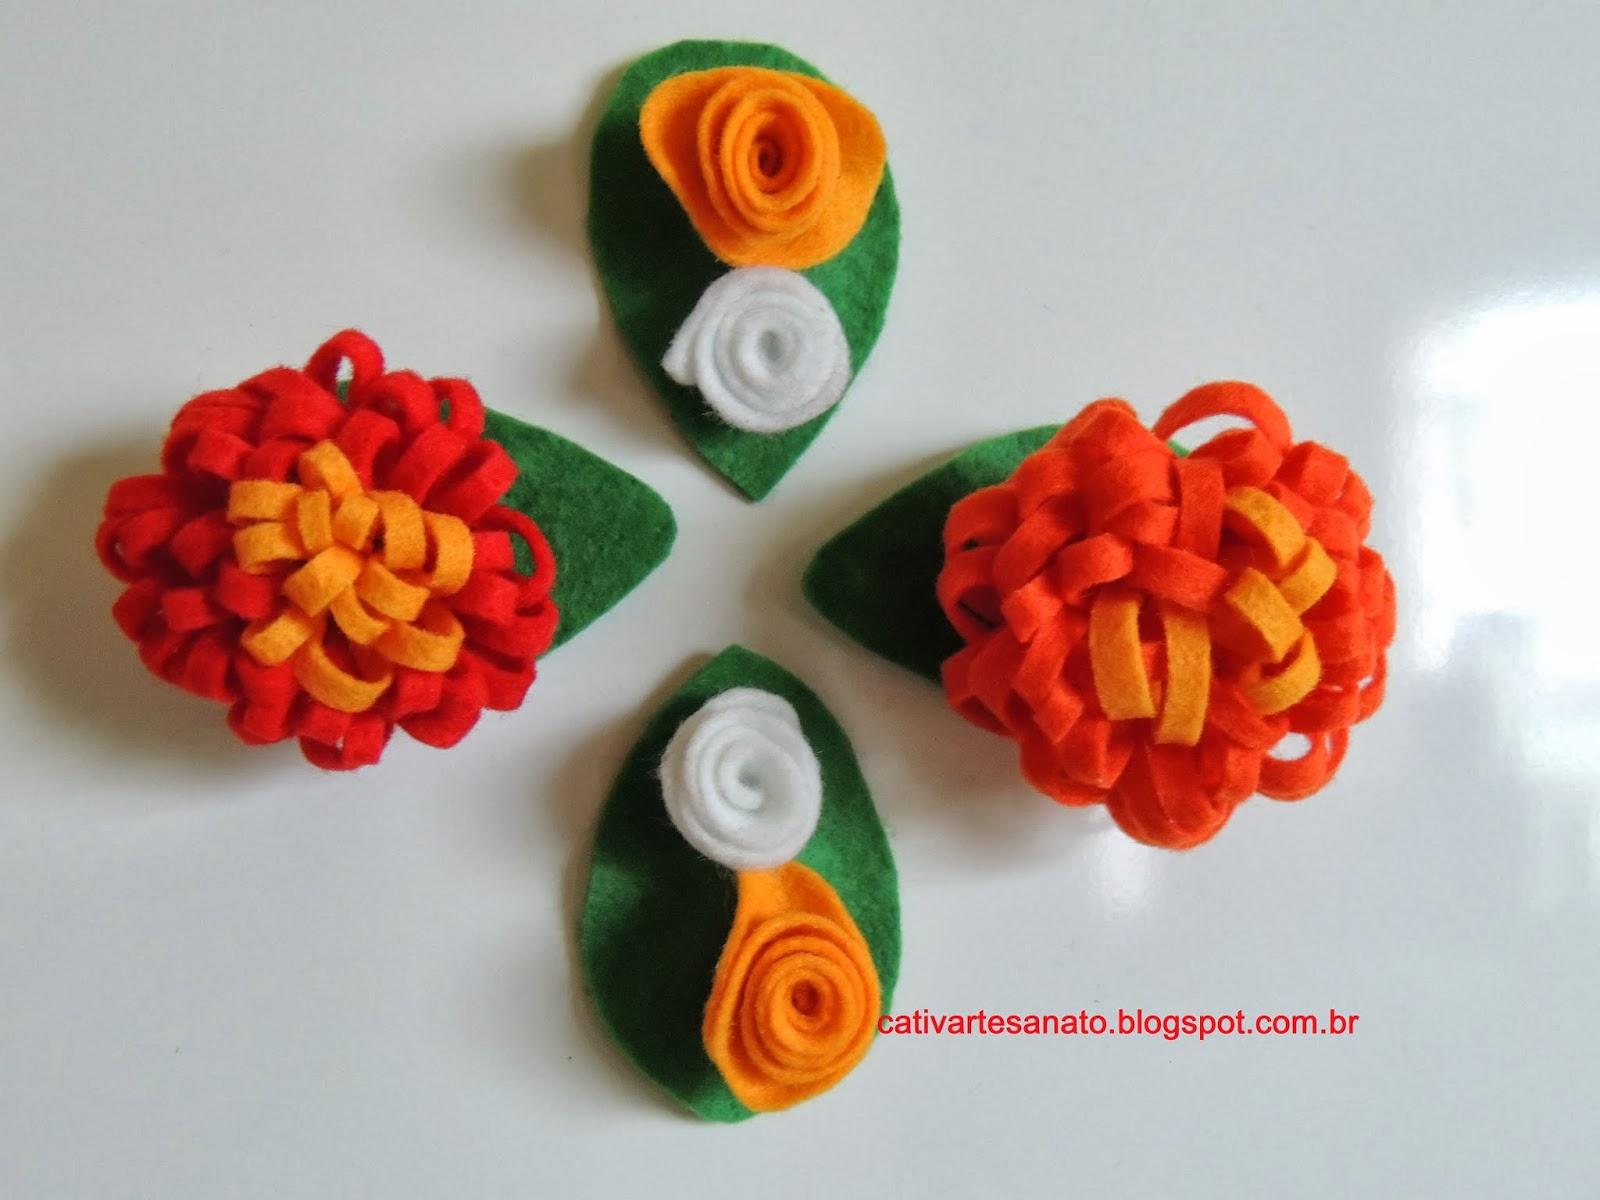 cativa artesanato Ima de geladeira flor de feltro